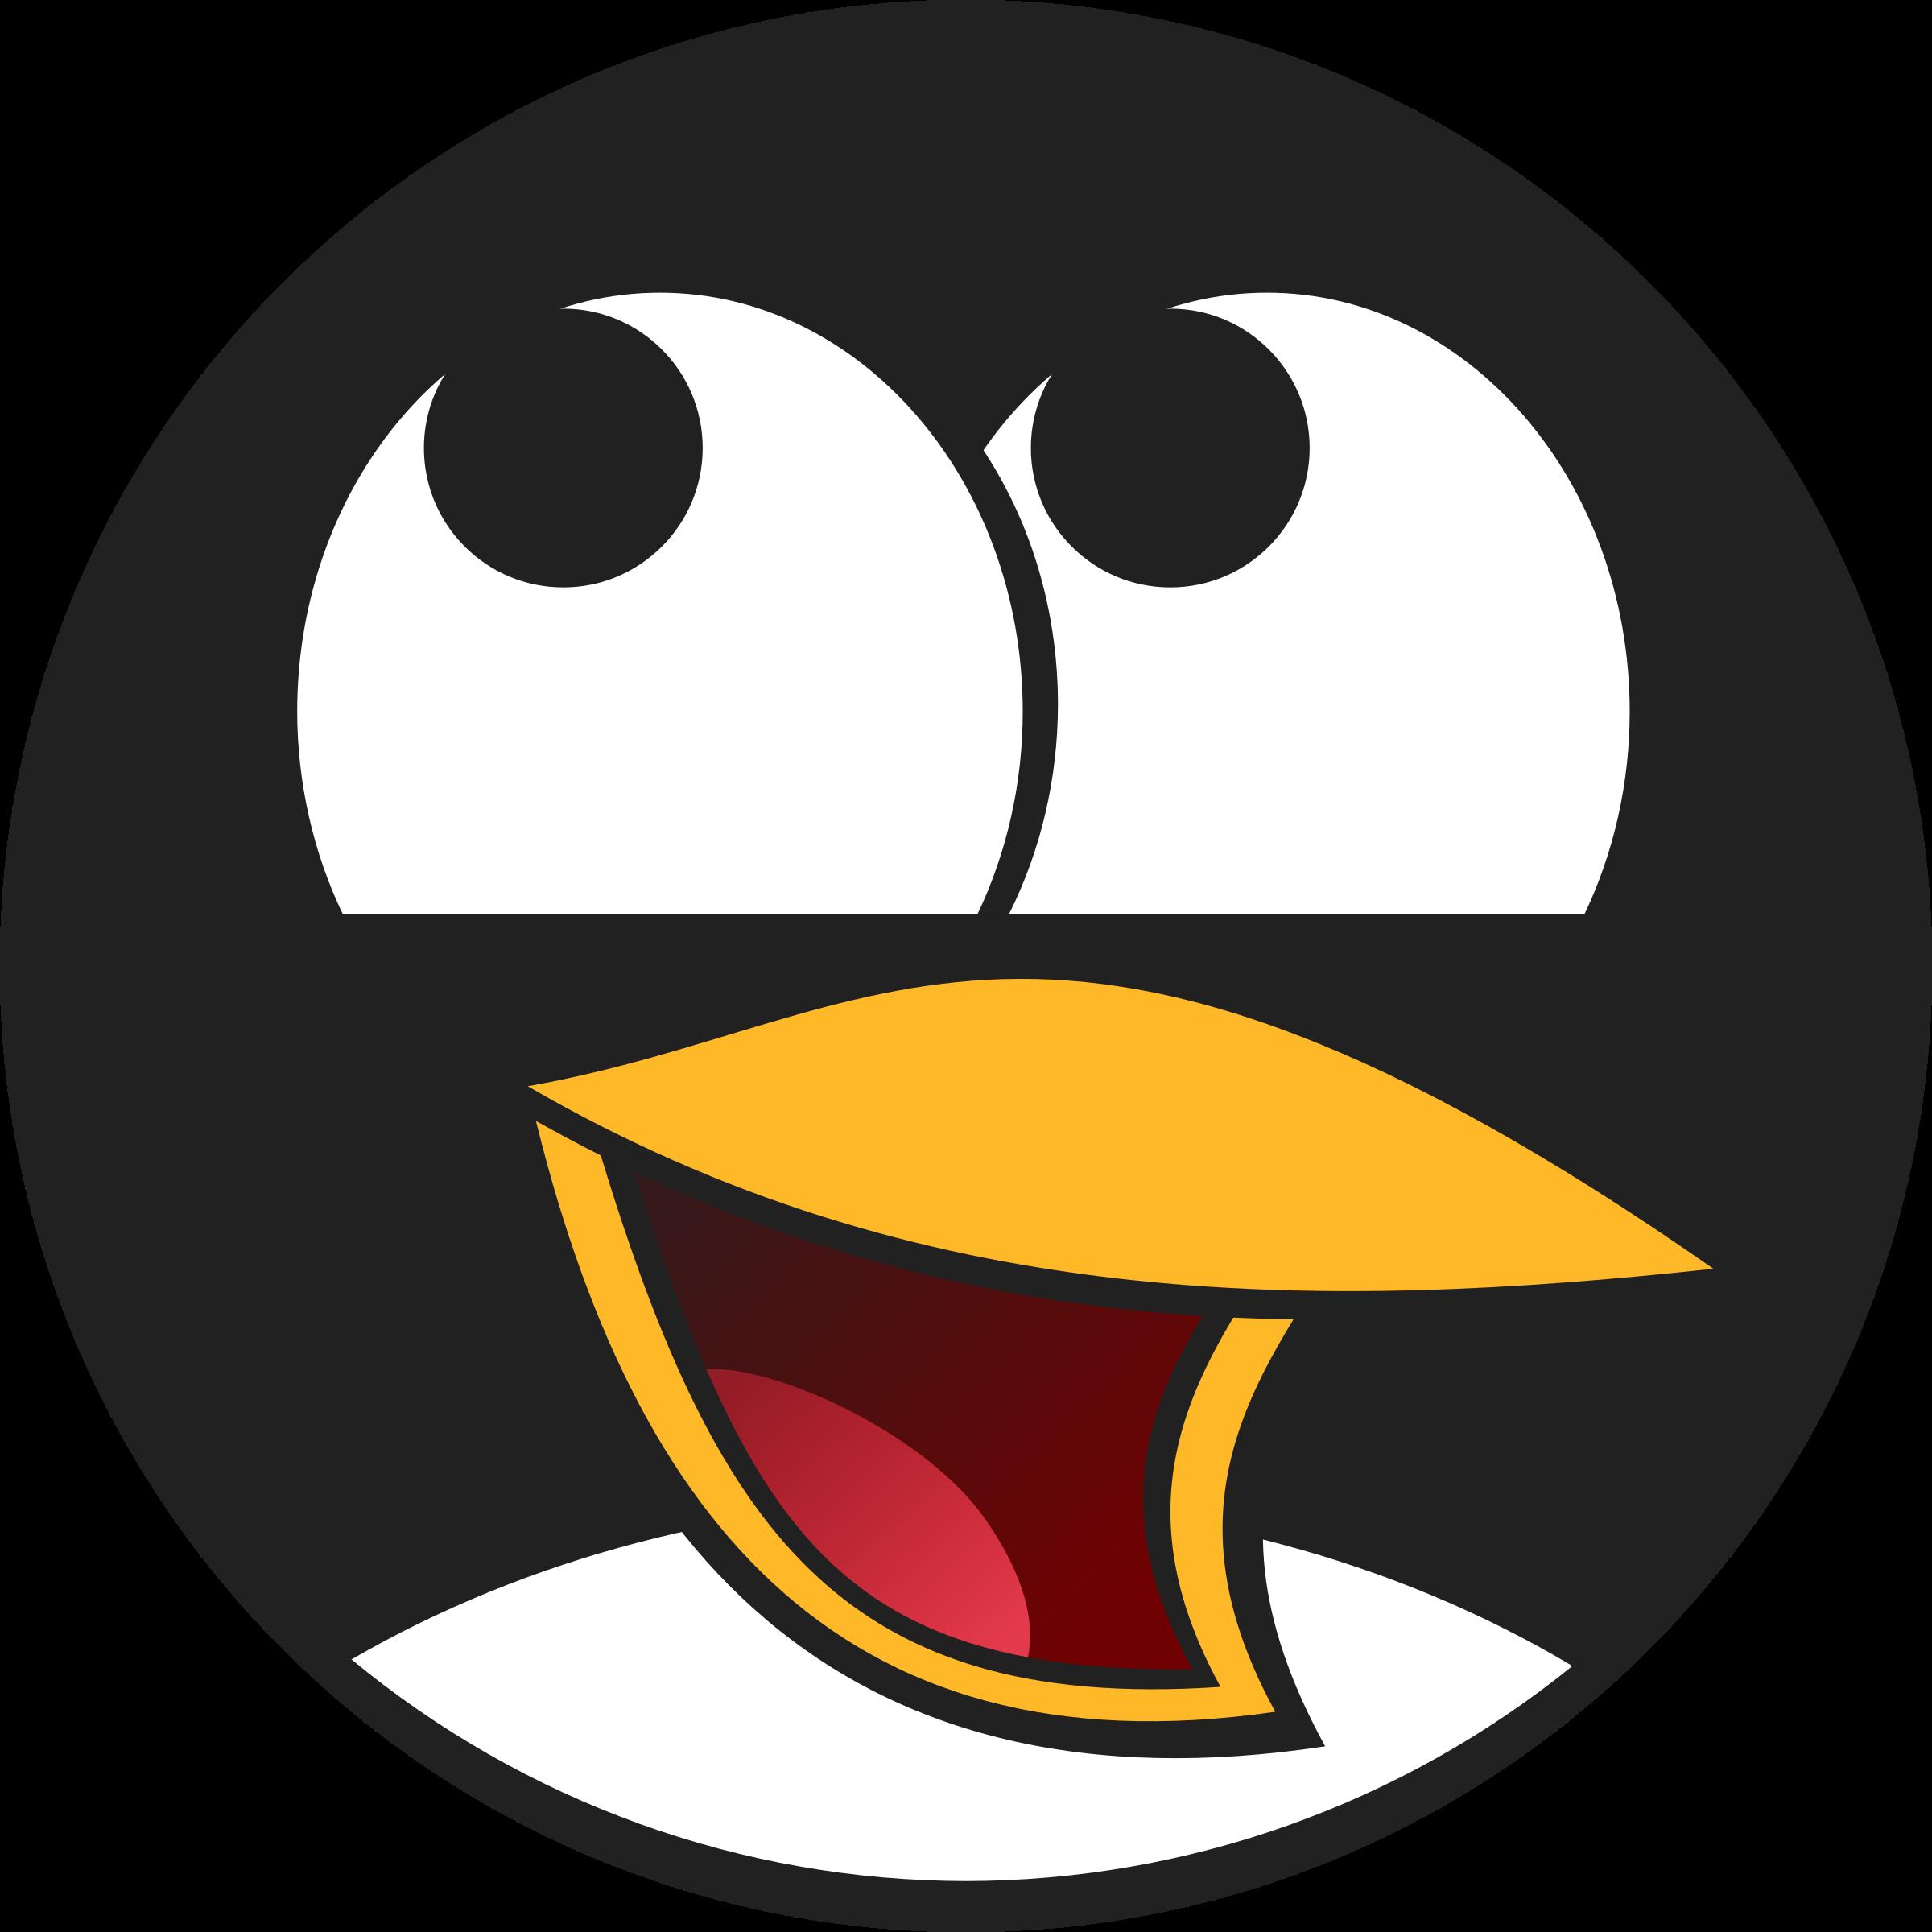 Penguin Face.